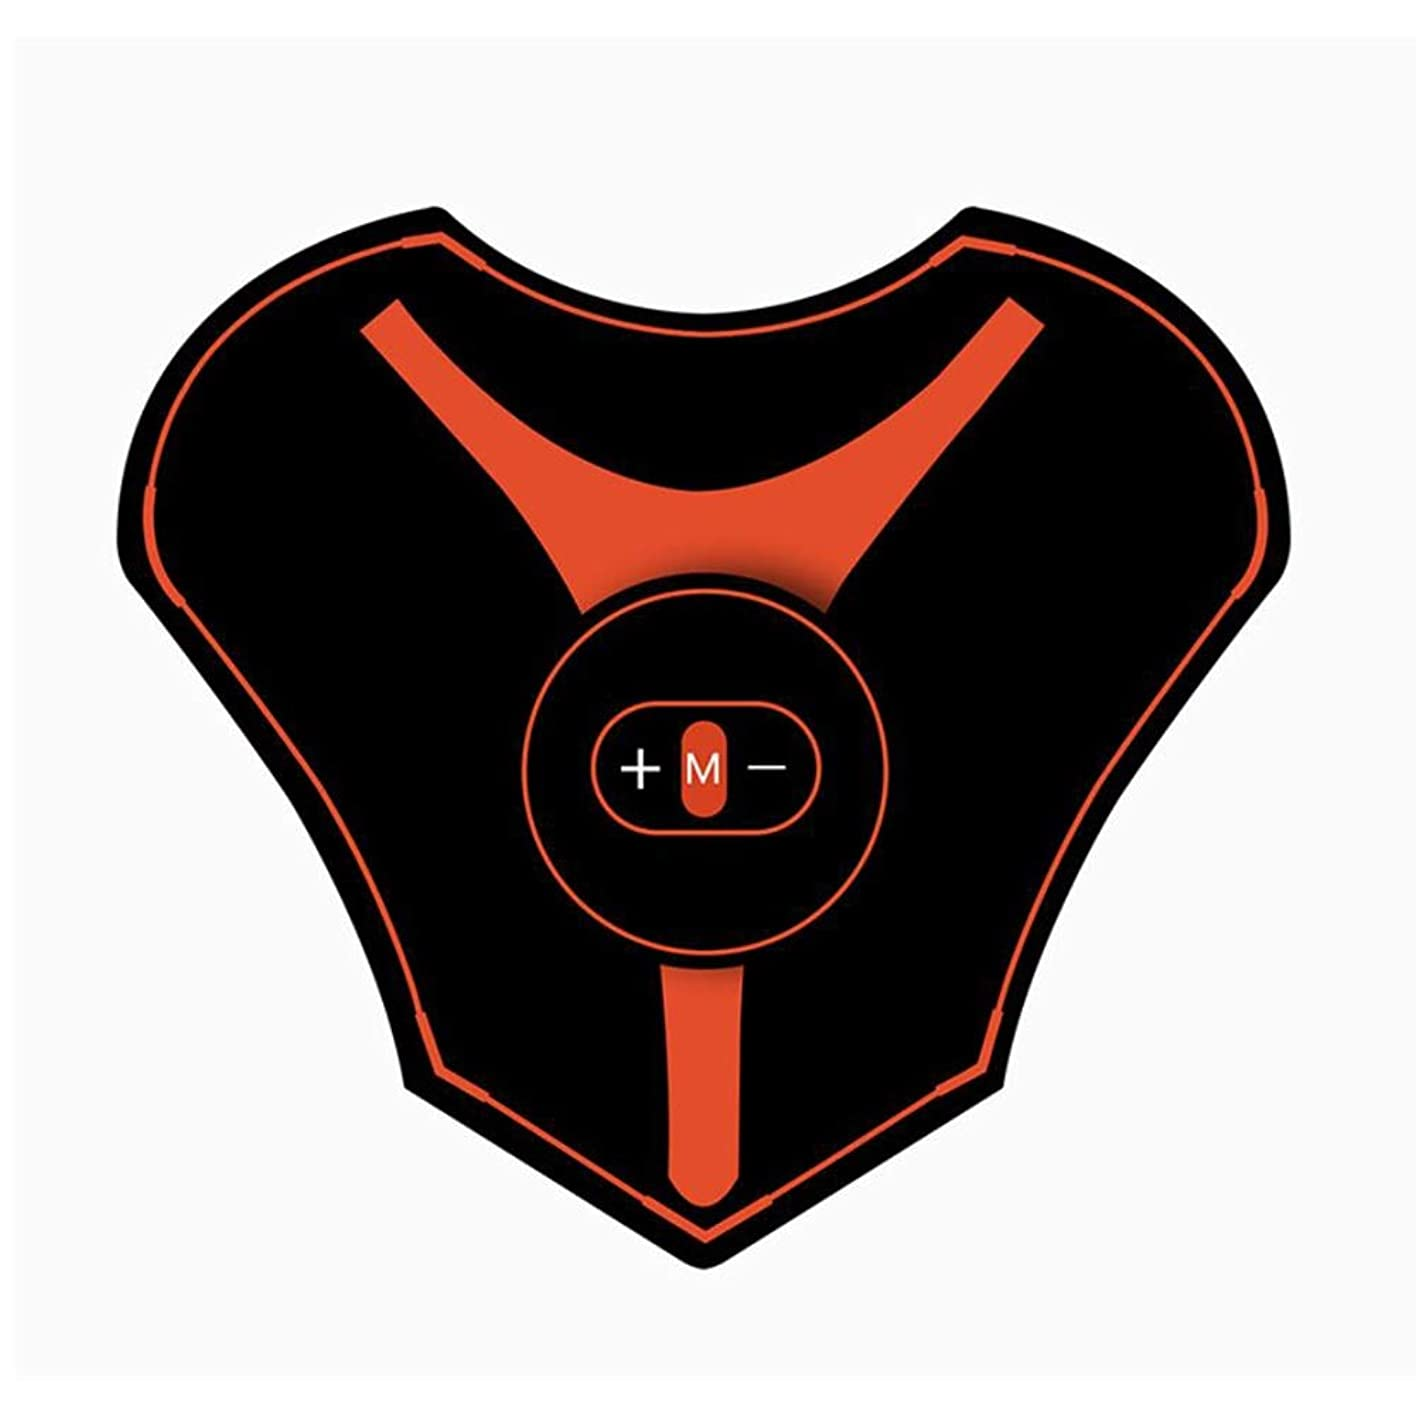 ロゴ有害フラグラントマッサージステッカー ミニEmsネックバックマッサージャーショルダー頚椎マッサージパッド電動体筋肉マッサージ刺激装置頸椎